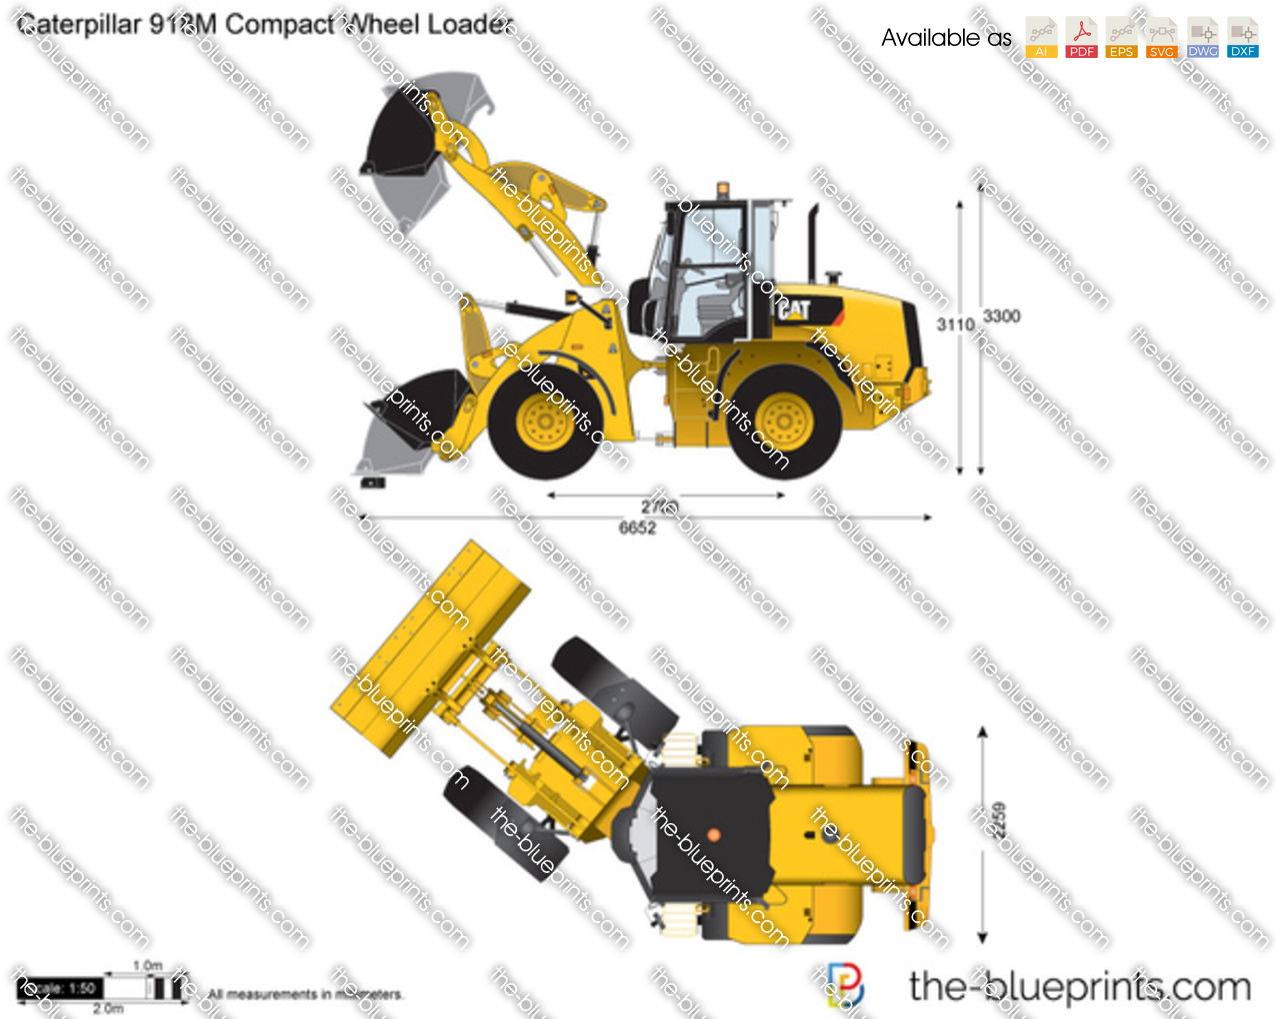 Caterpillar 918M Compact Wheel Loader